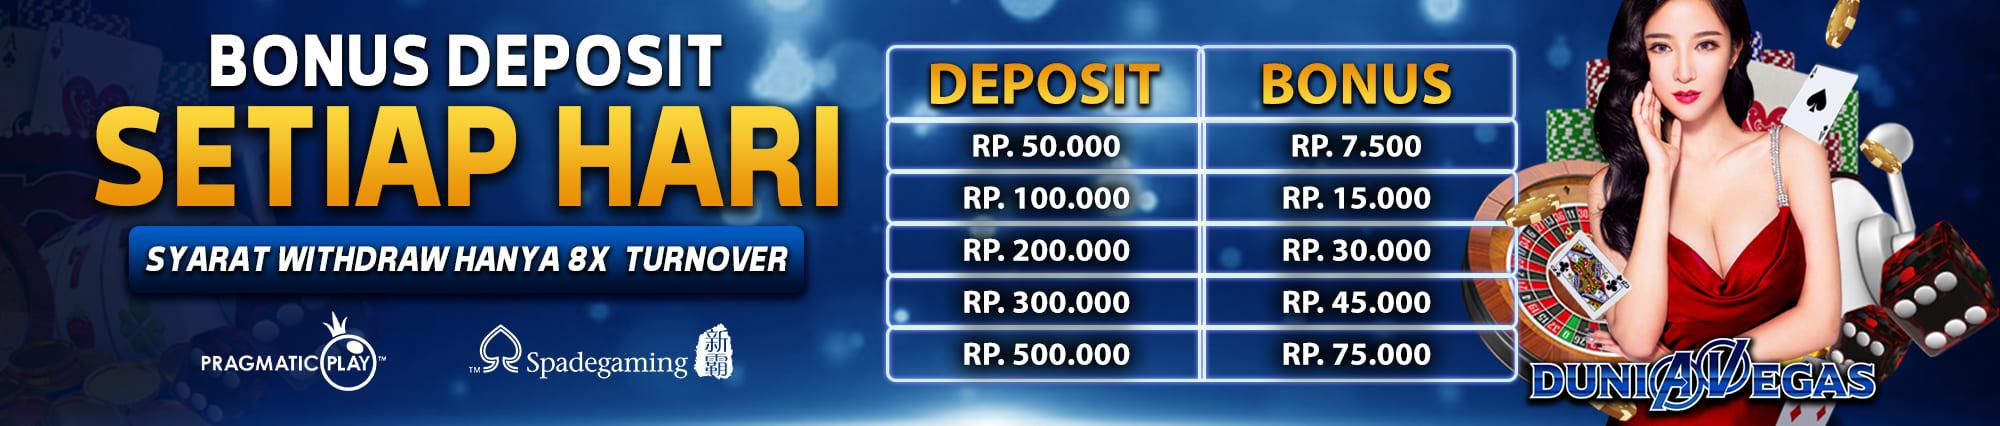 bonus deposit terbesar